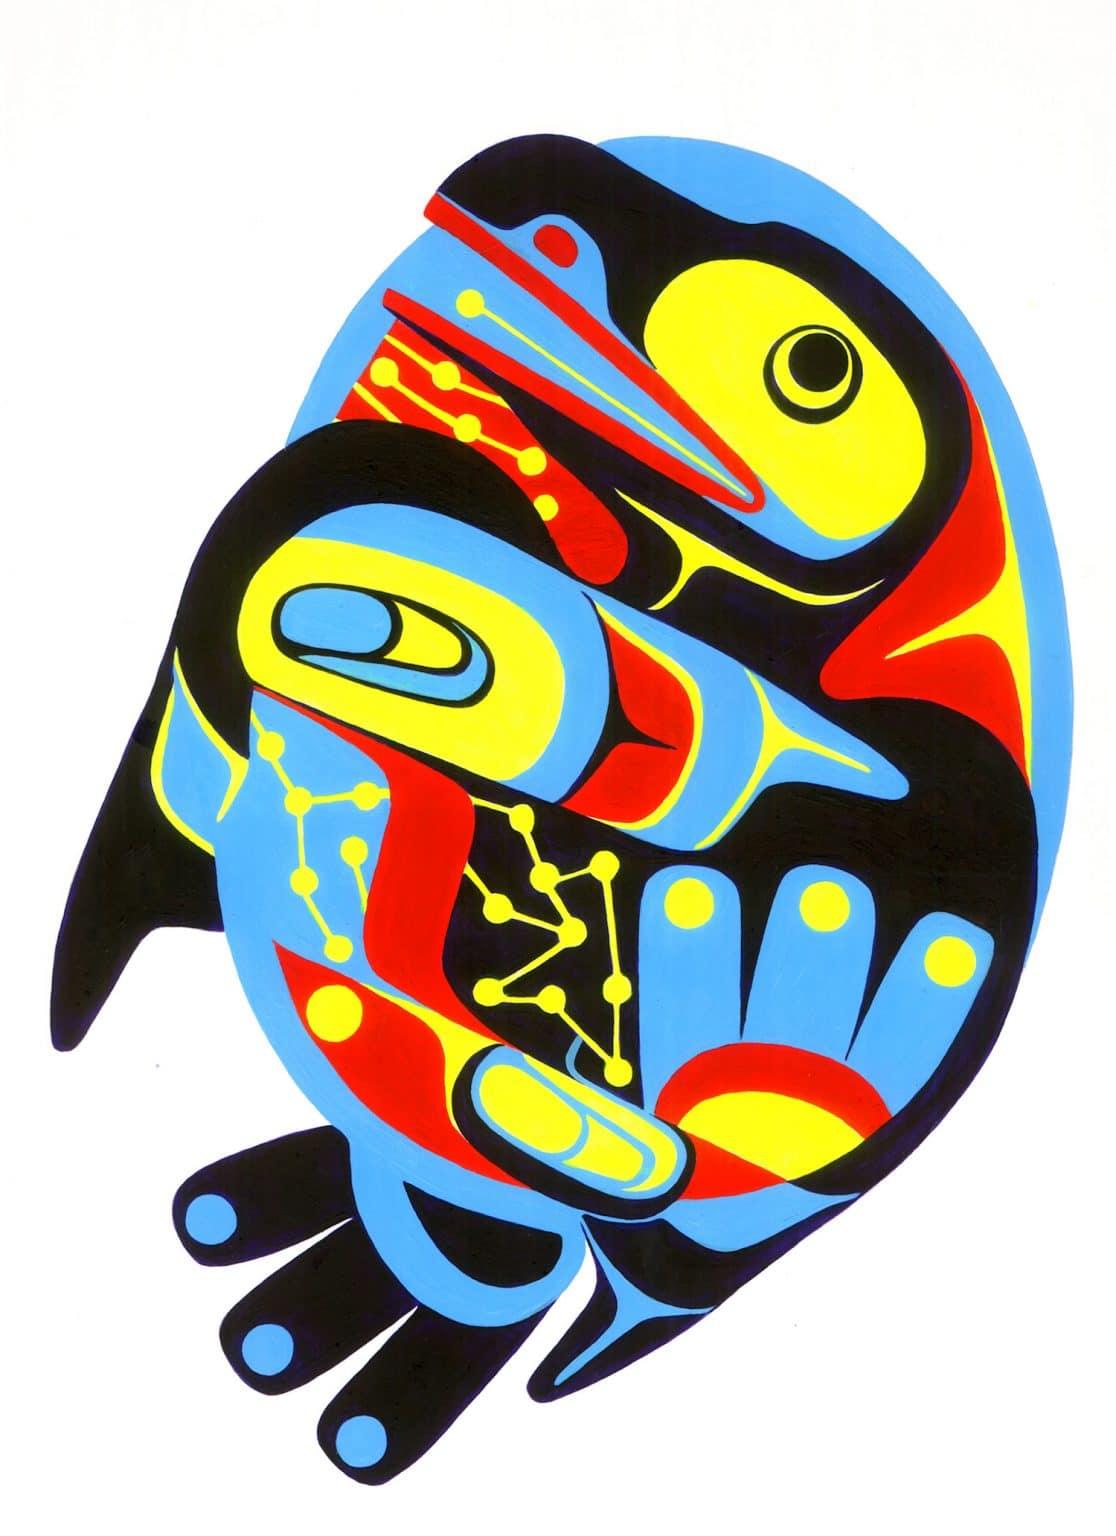 2014-FNA-Hanuse-Corlett-Constellation-Raven